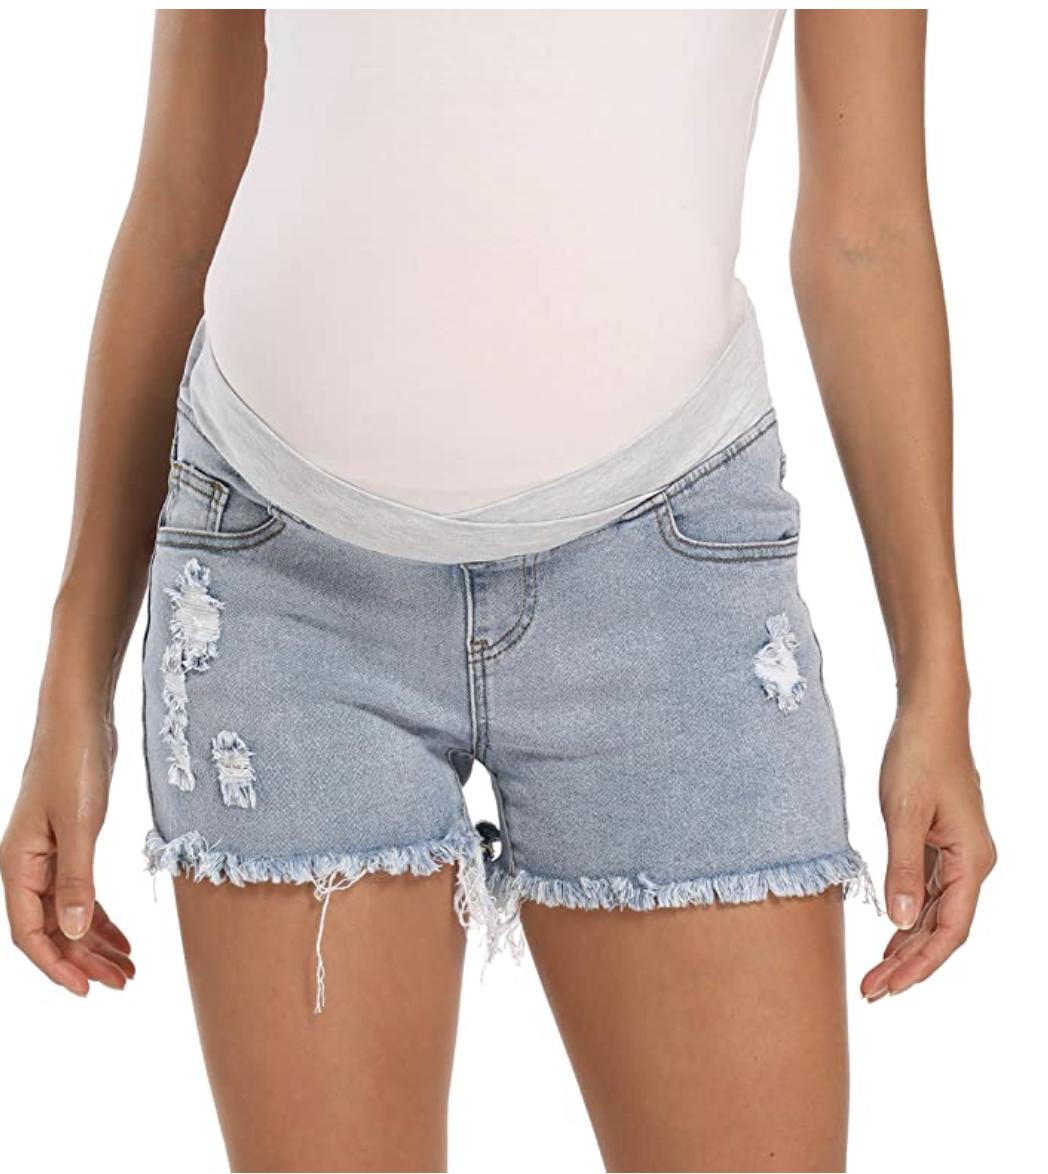 cute-maternity-shorts